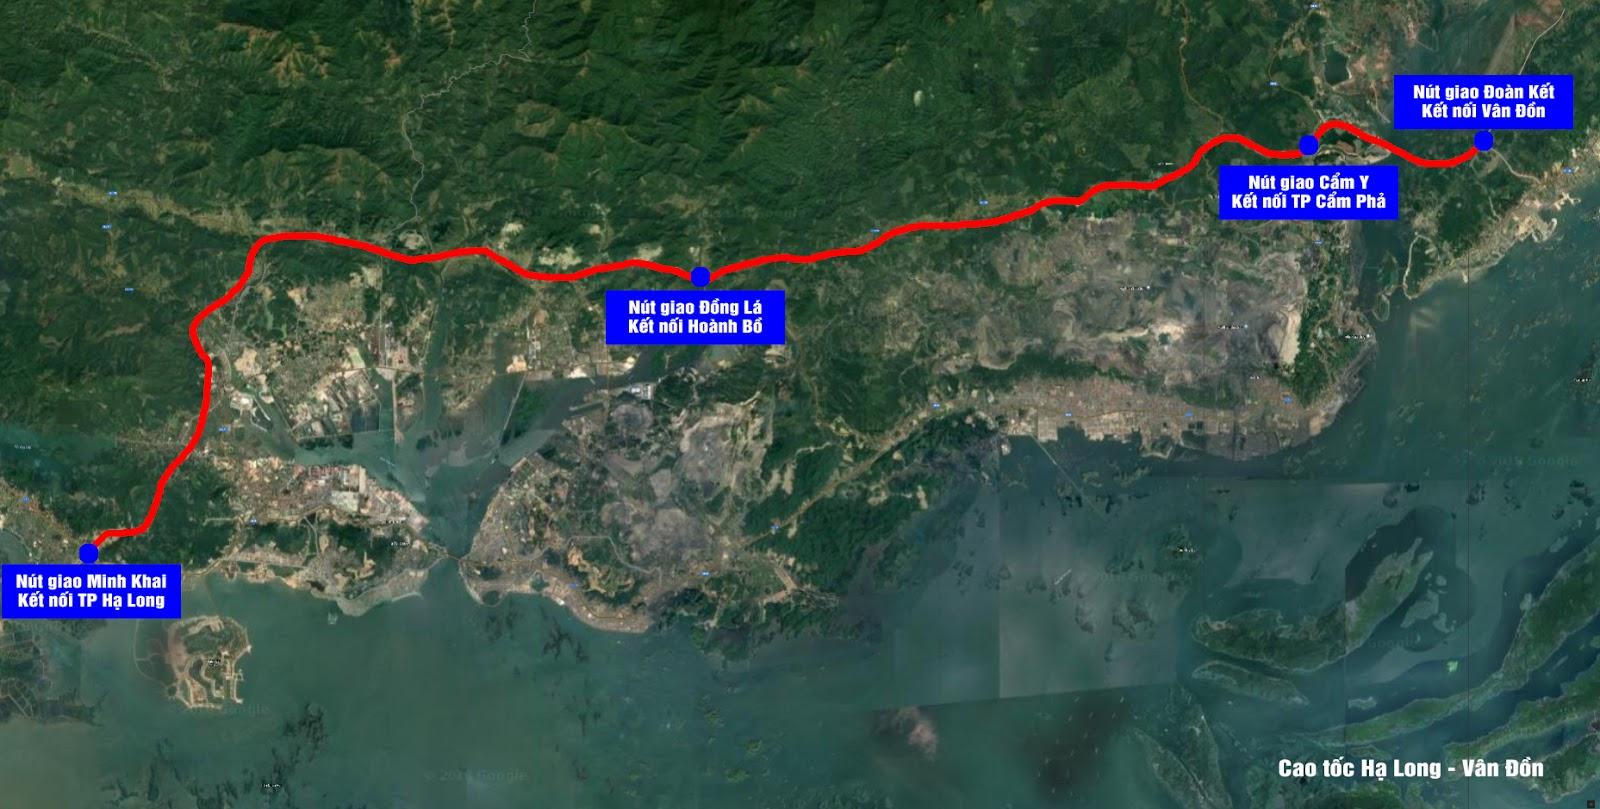 Chiều dài tuyến cao tốc Hạ Long - Vân Đồn